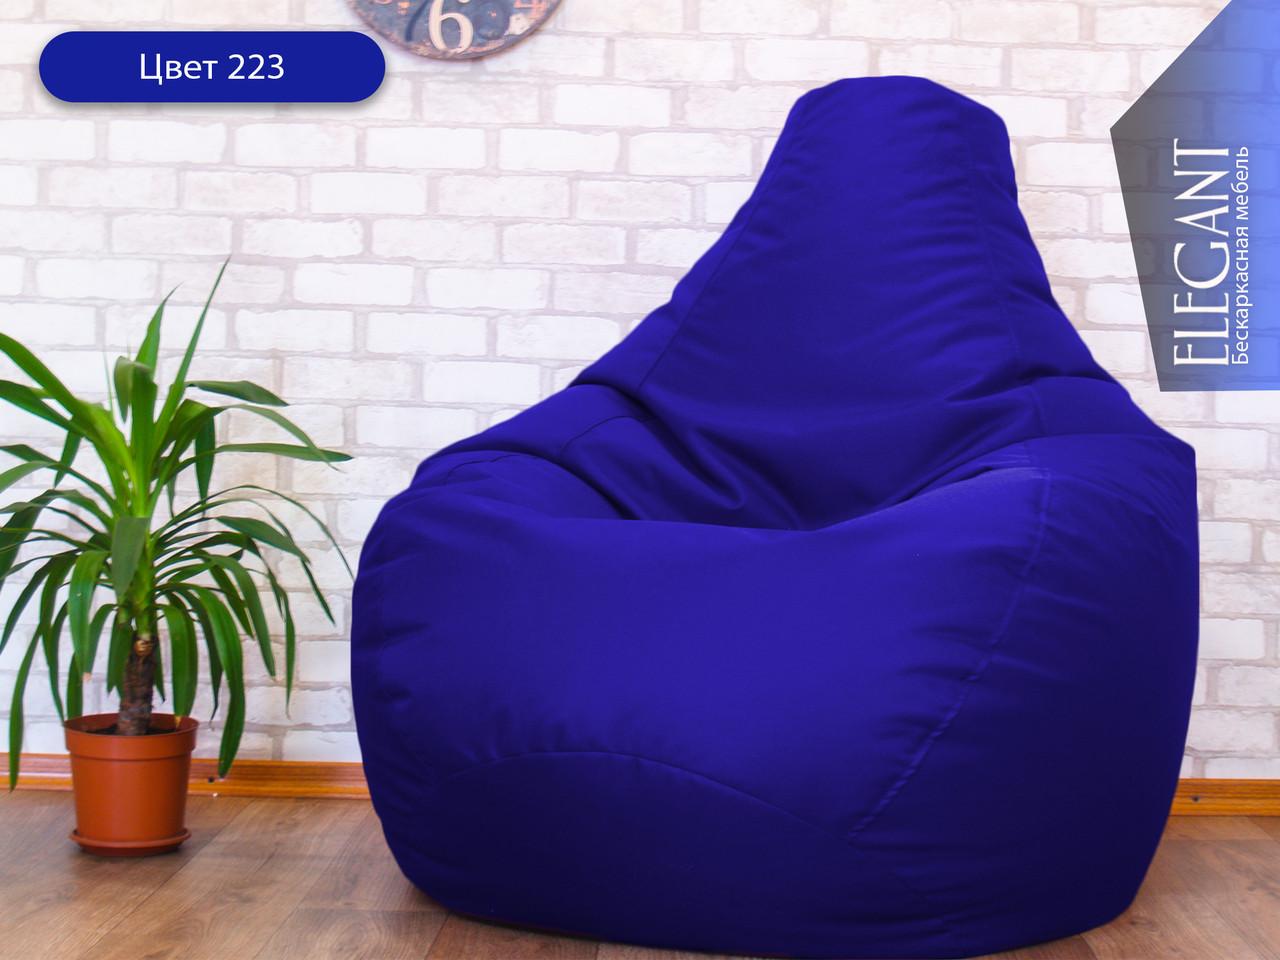 Кресло мешок, бескаркасное кресло Груша ХЛ, зеленое ХЛ 105*85 см, синий 223